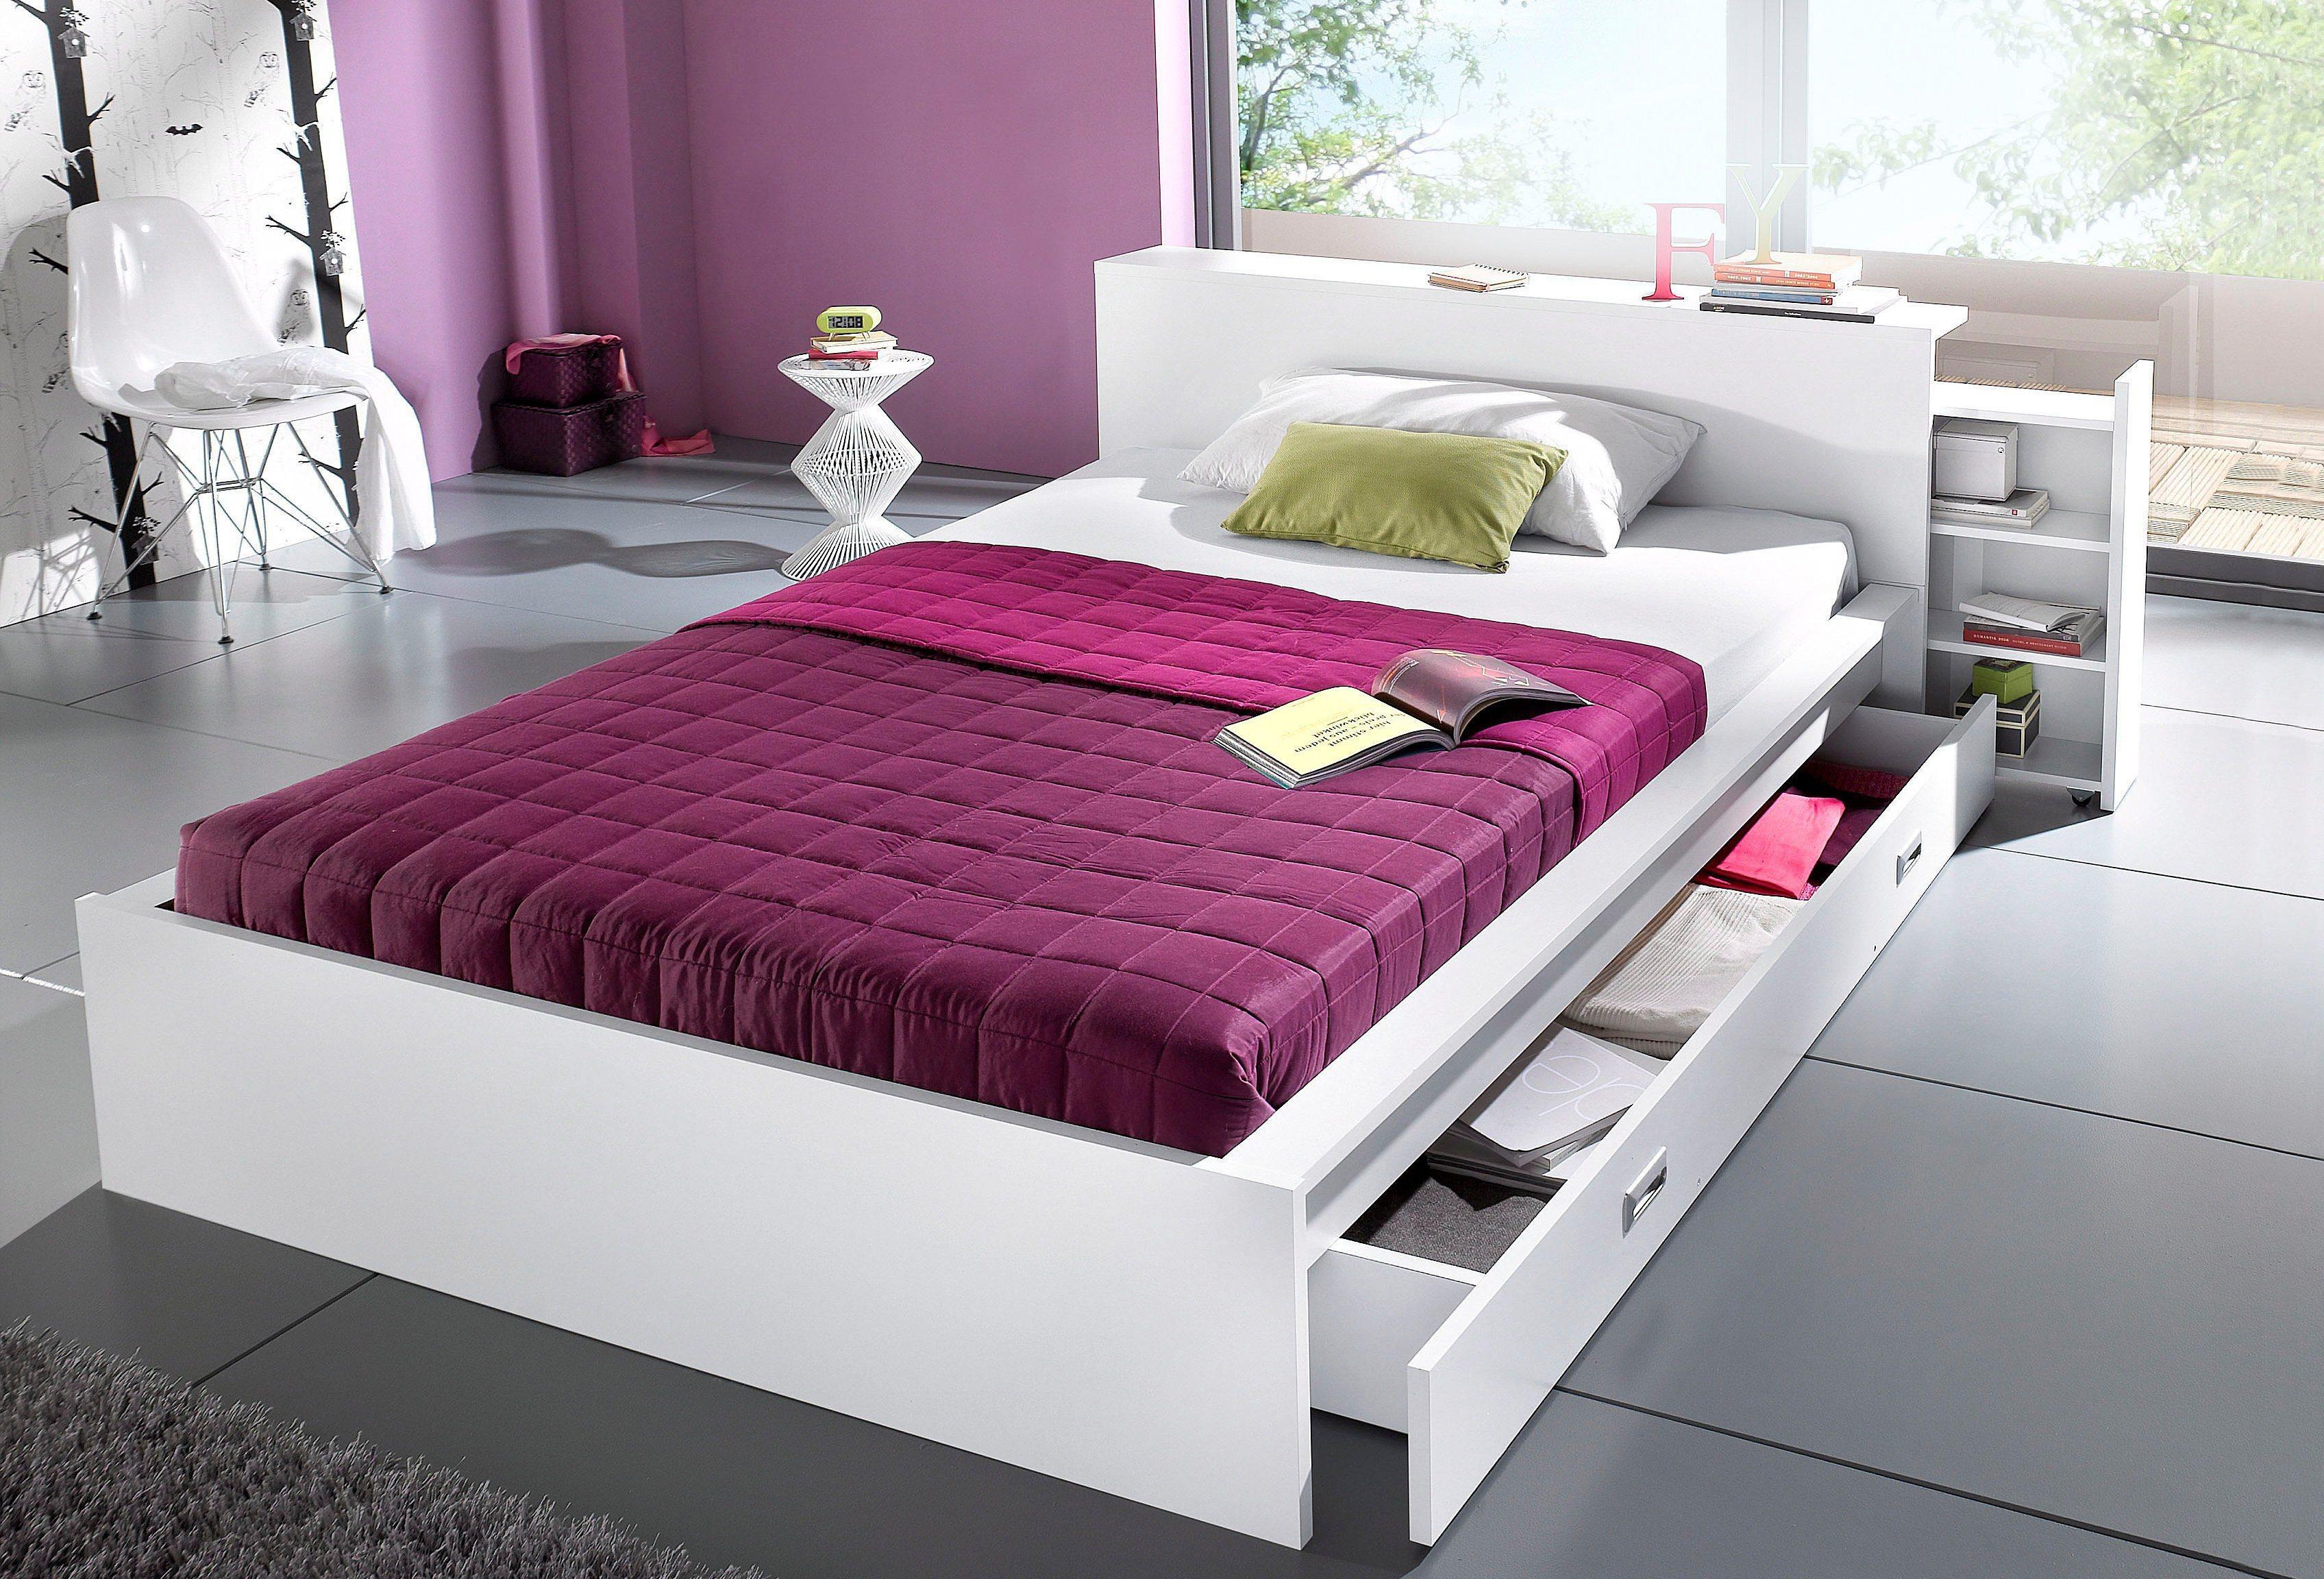 Futonbett | Schlafzimmer > Betten > Futonbetten | Breckle